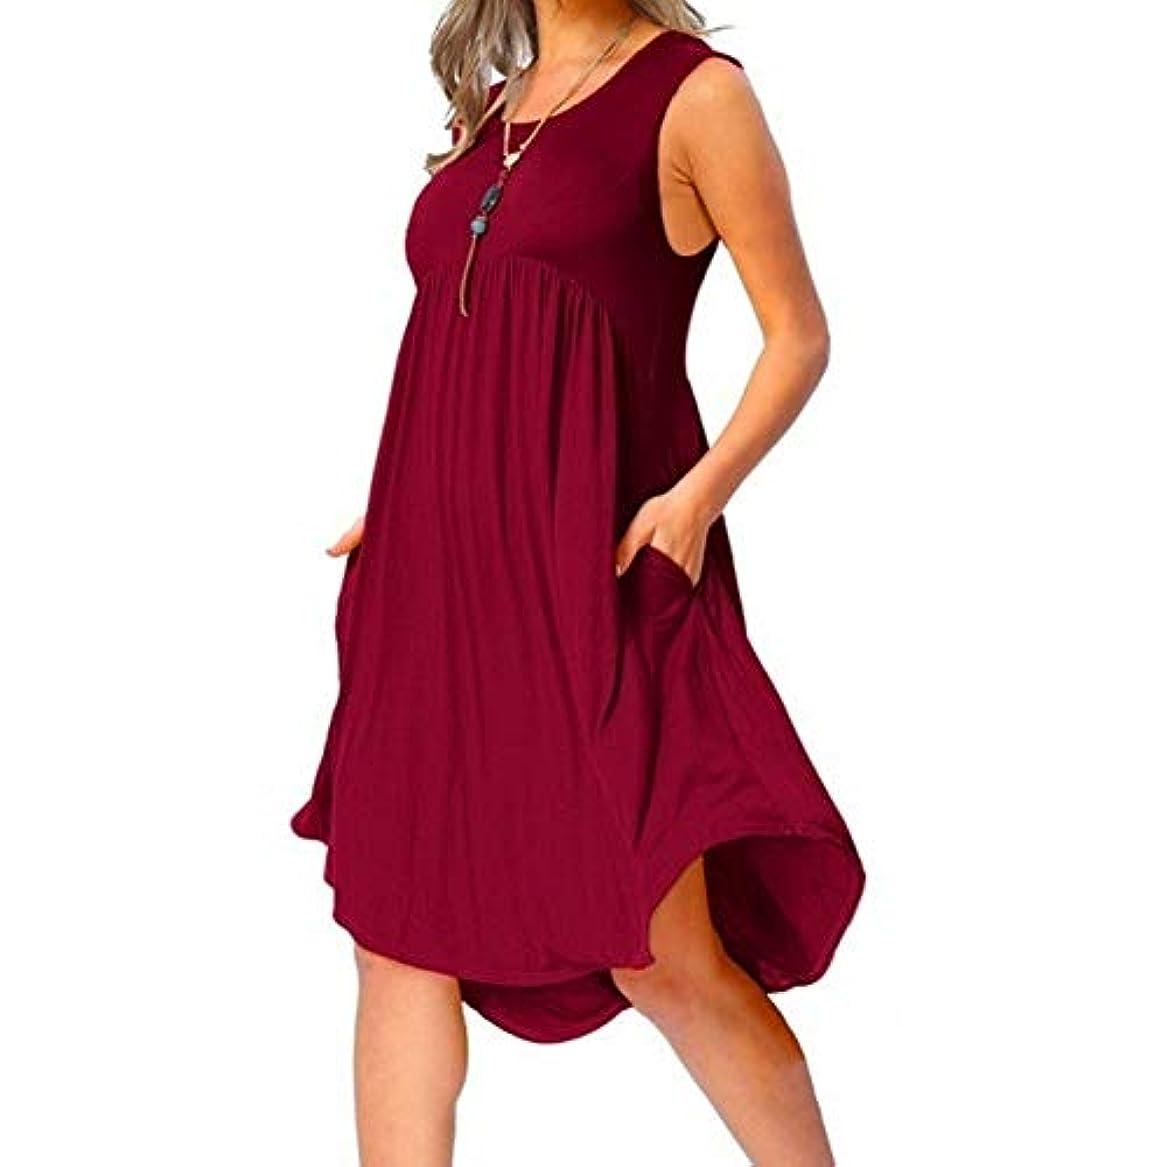 作る大理石ディレクトリMIFAN の女性のドレスカジュアルな不規則なドレスルースサマービーチTシャツドレス